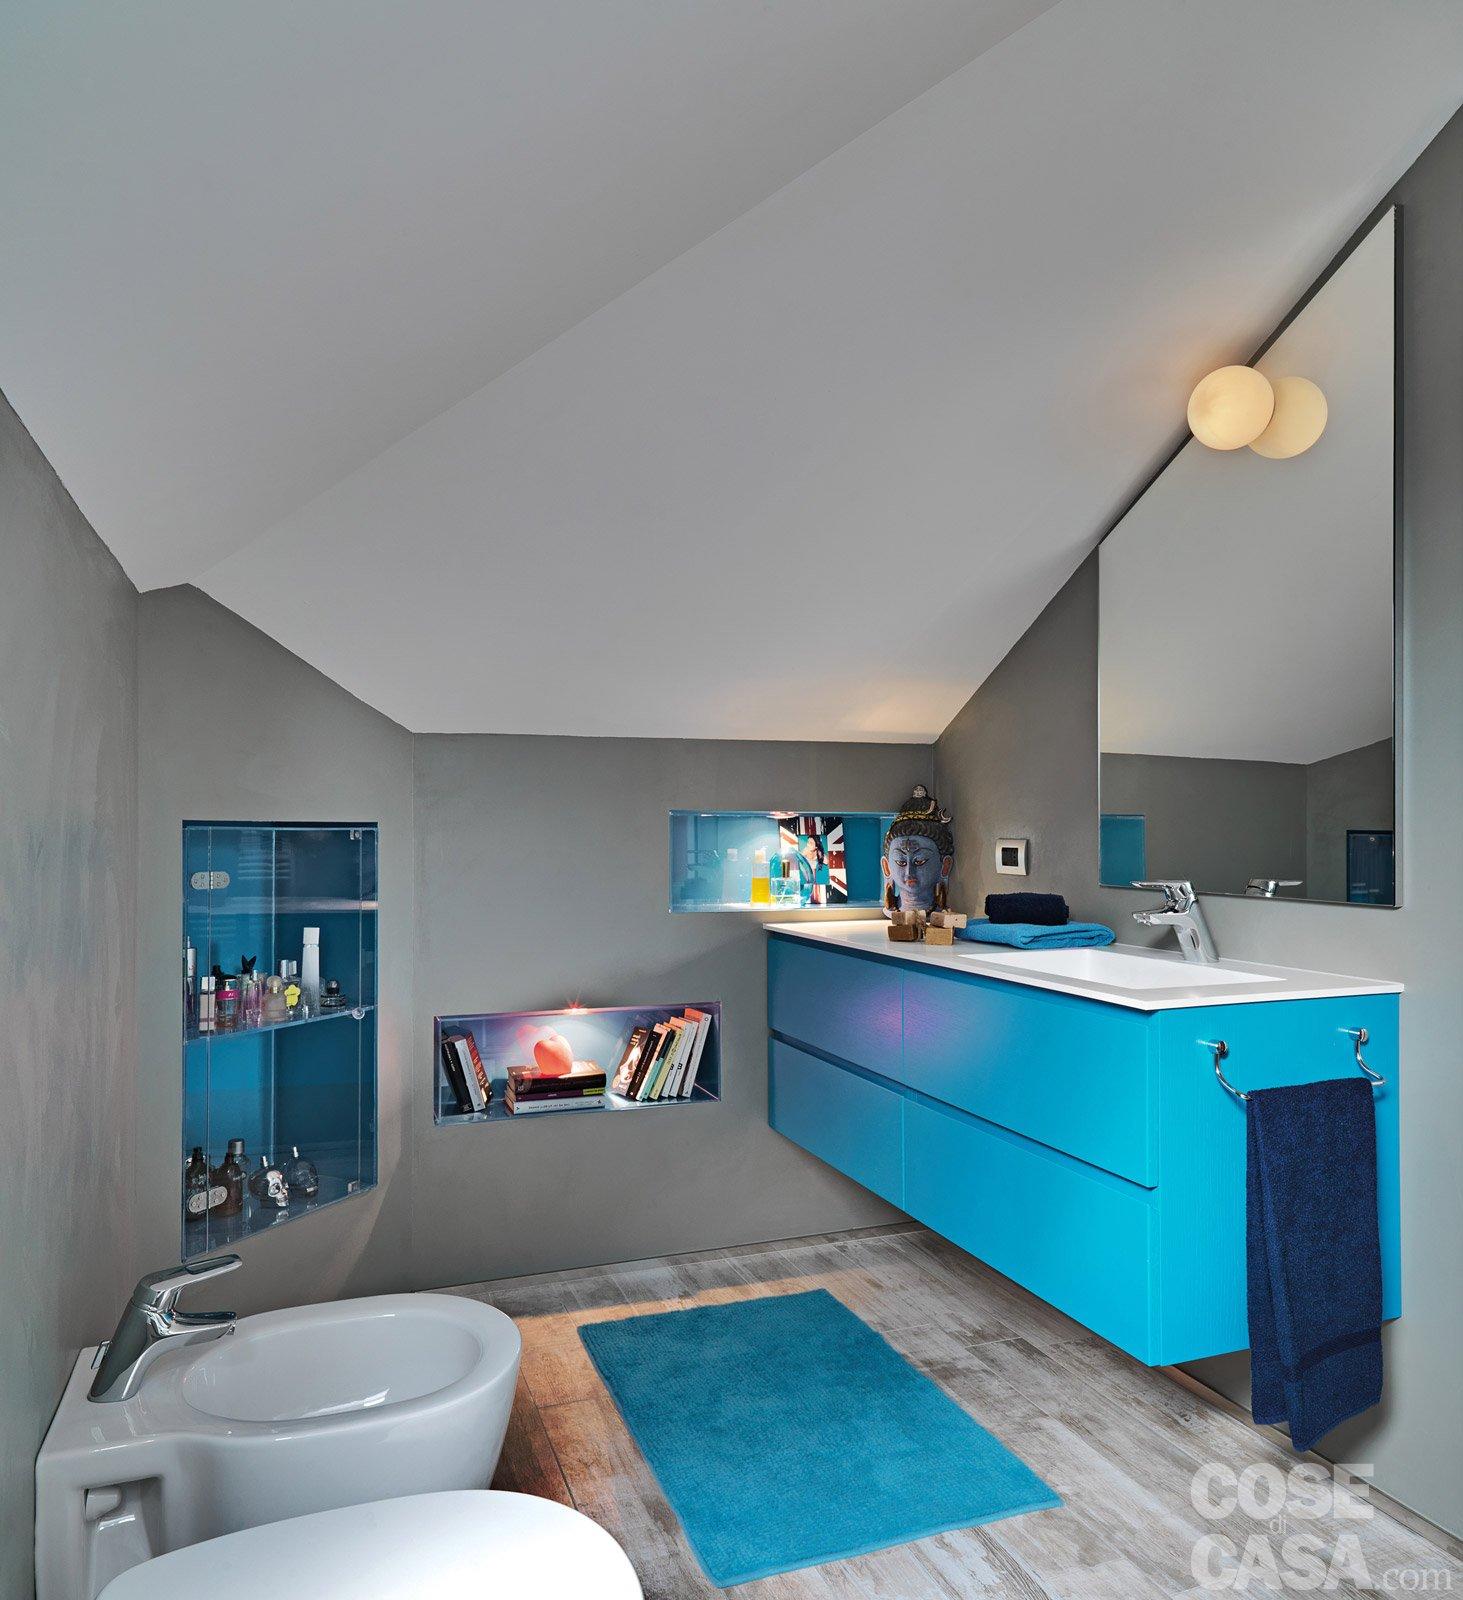 2176 casa del vago varetto d cose di casa - La casa del bagno ...